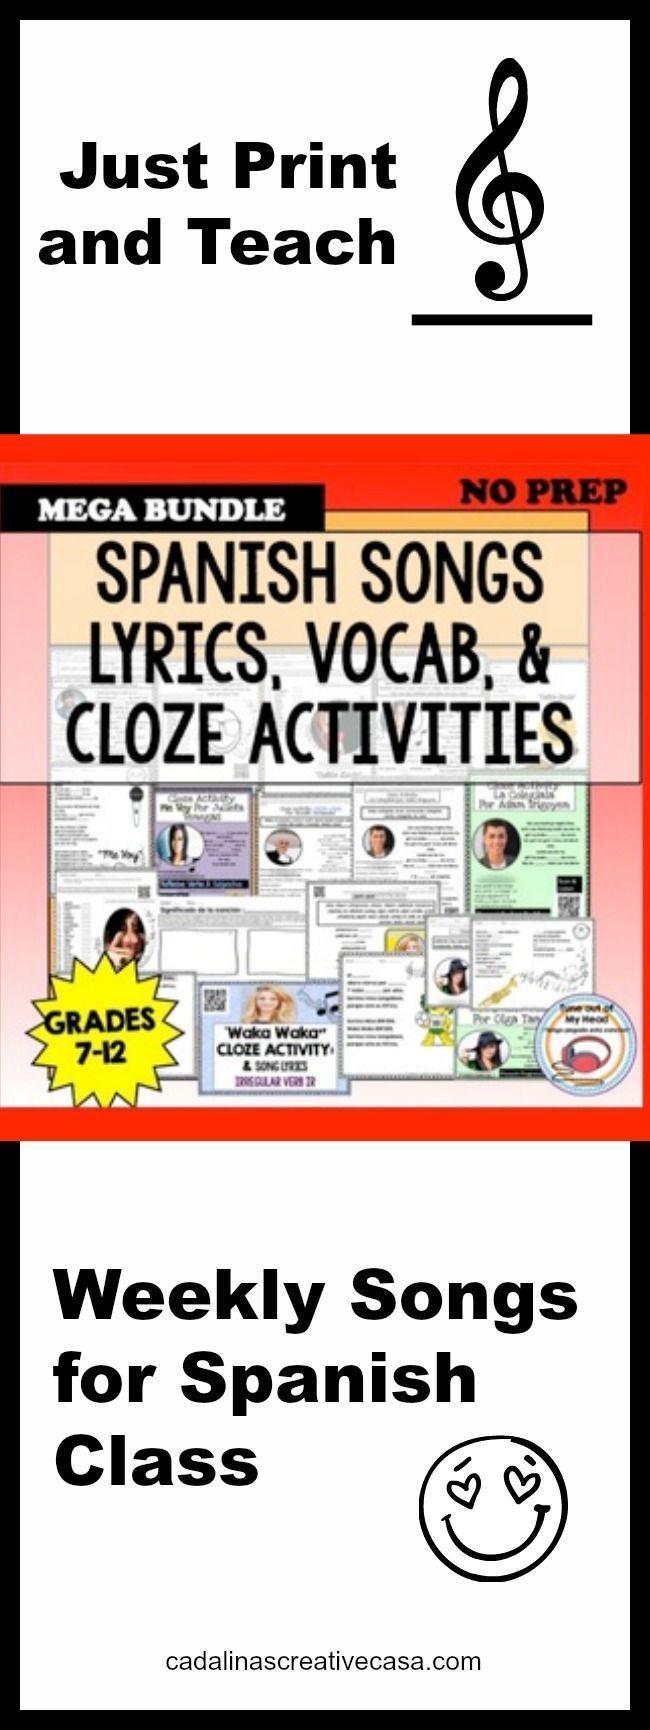 Videos Y Fotos For La Comida Unit Spanish Teaching Resources Learning Spanish Teaching Spanish